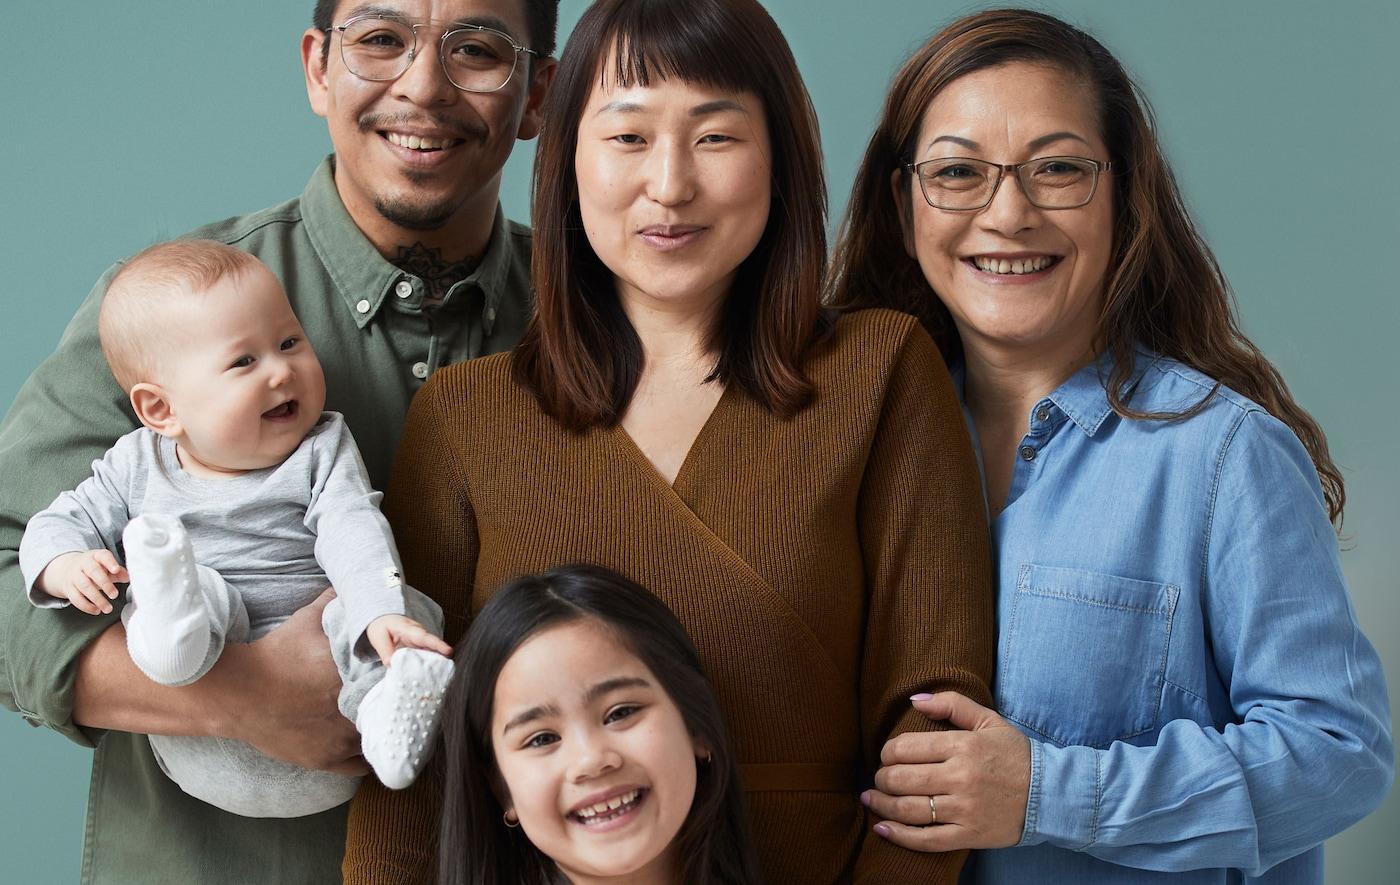 I cinque componenti della famiglia: una coppia sorridente con un bambino in braccio, una ragazzina e una nonna - IKEA